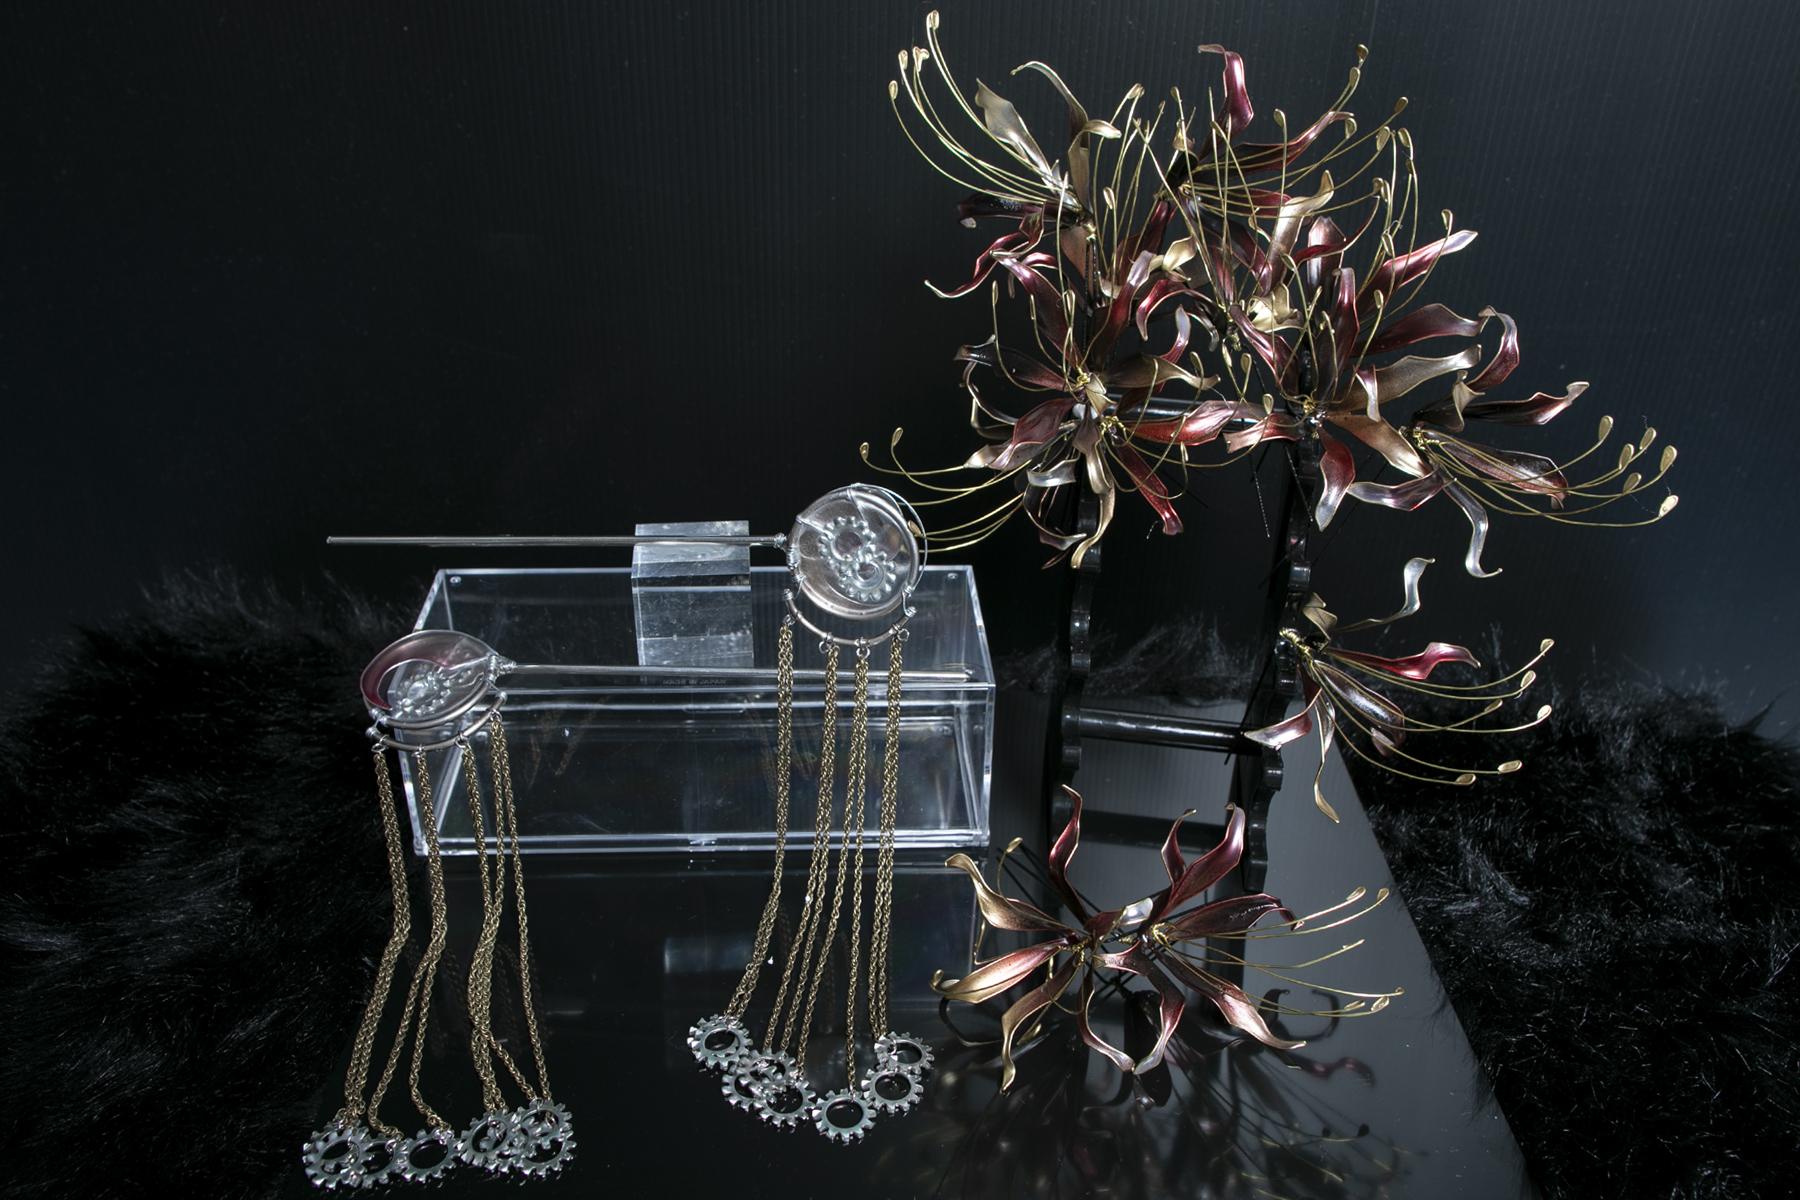 【絢爛】ー絡繰・鎖ビラ mechanism device bira